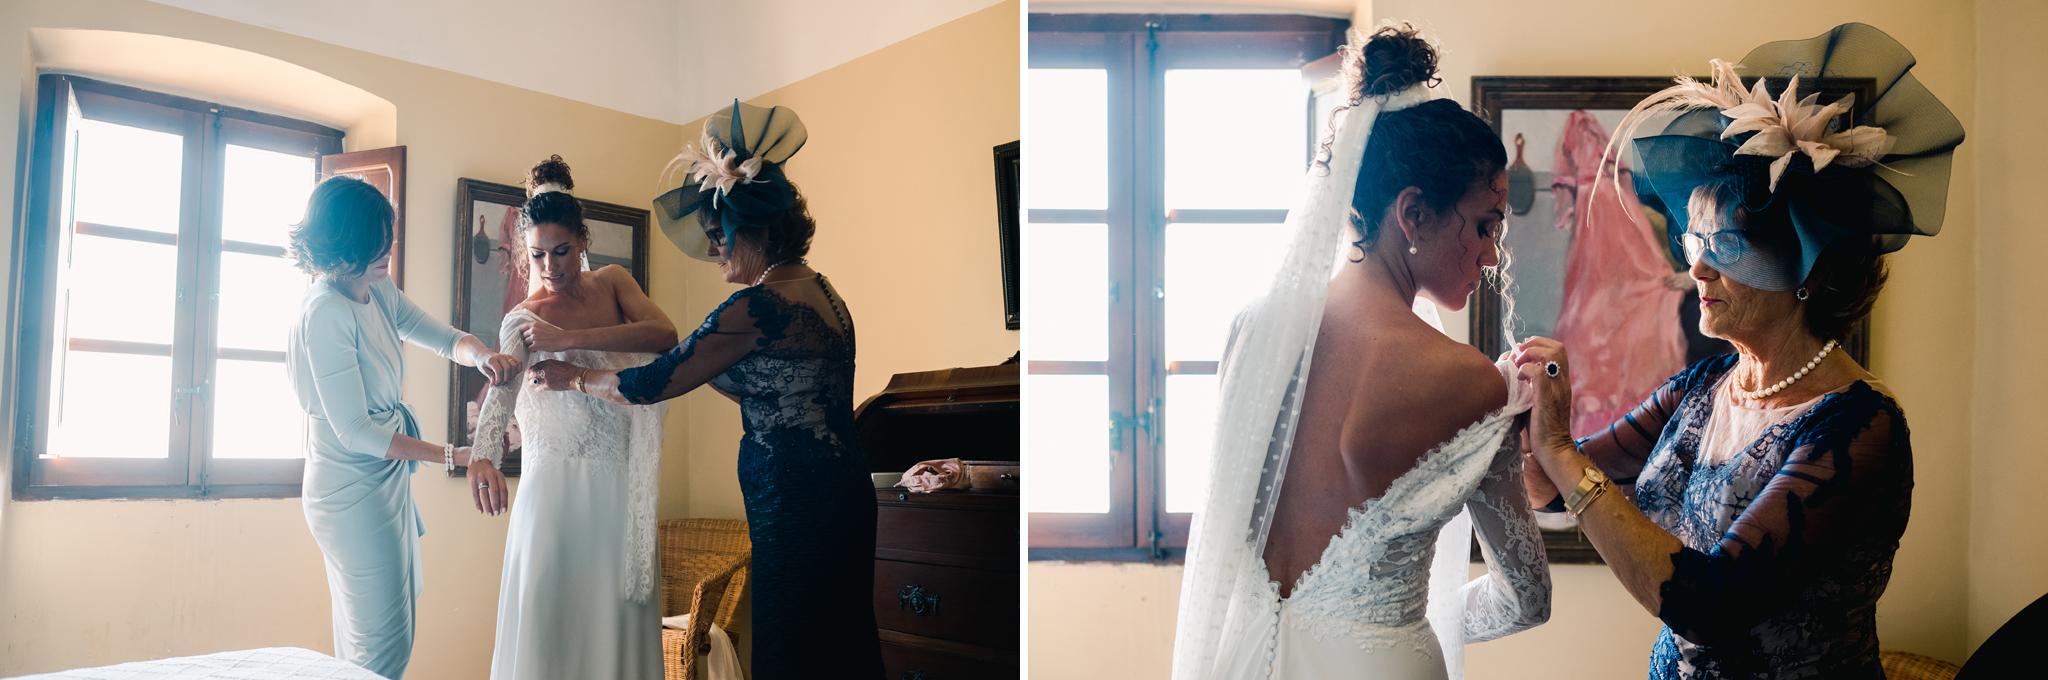 fotografia-bodas-castell-tamarit0021.jpg